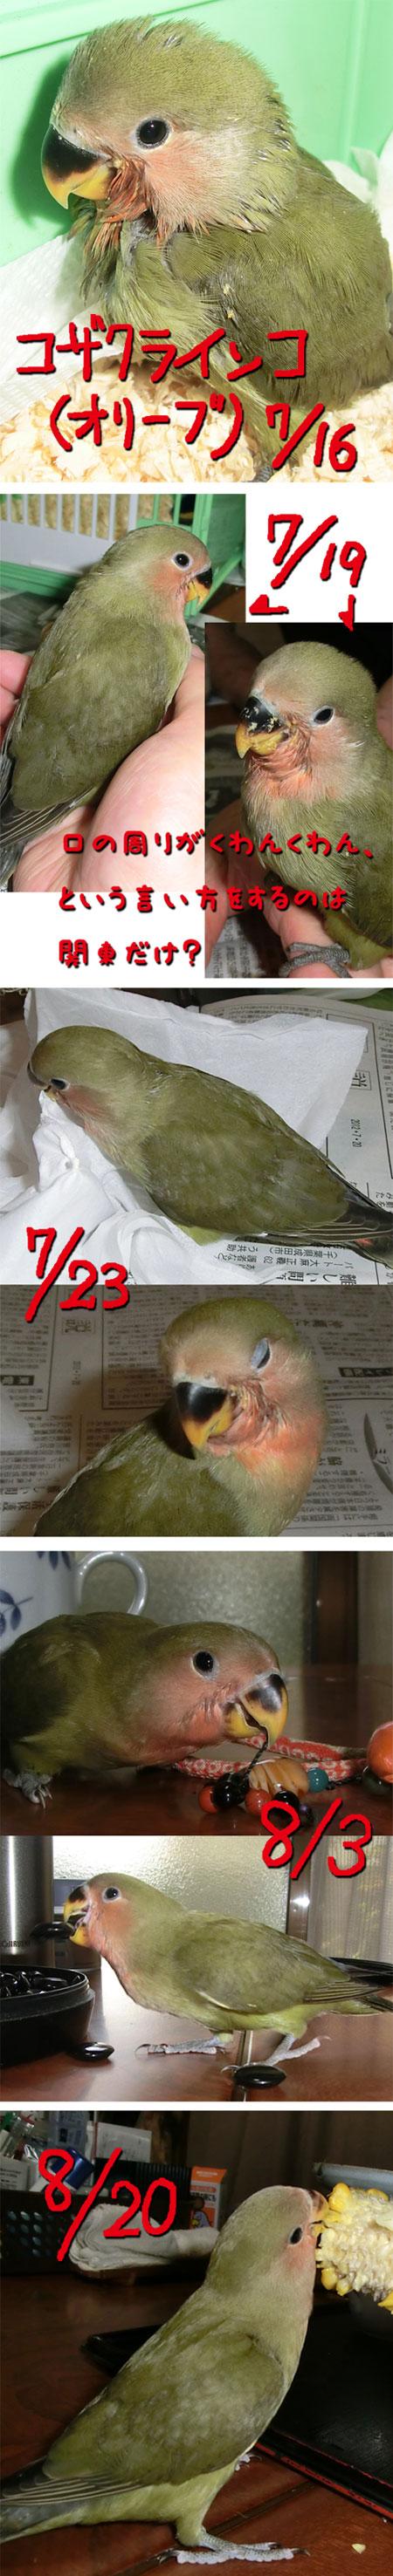 n_120825_1.jpg